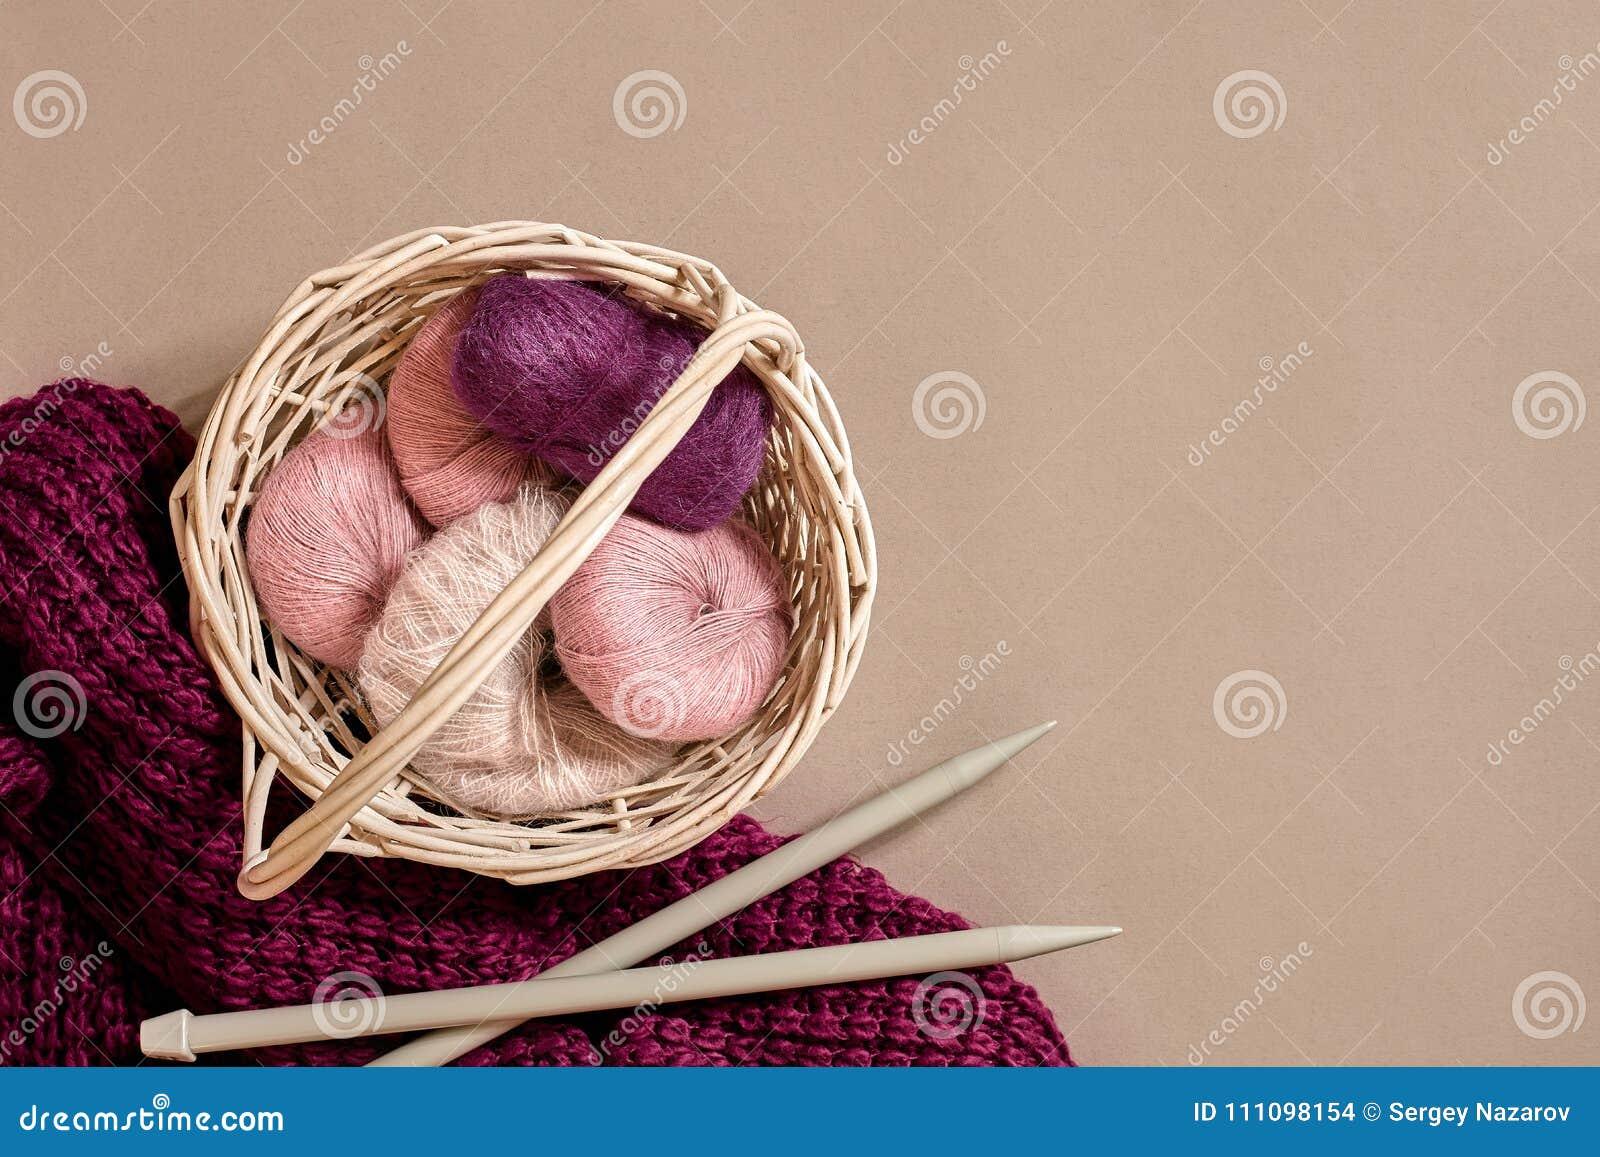 Ballen van garens en breinaalden Skandinavische stijl Draden voor het breien in een mand